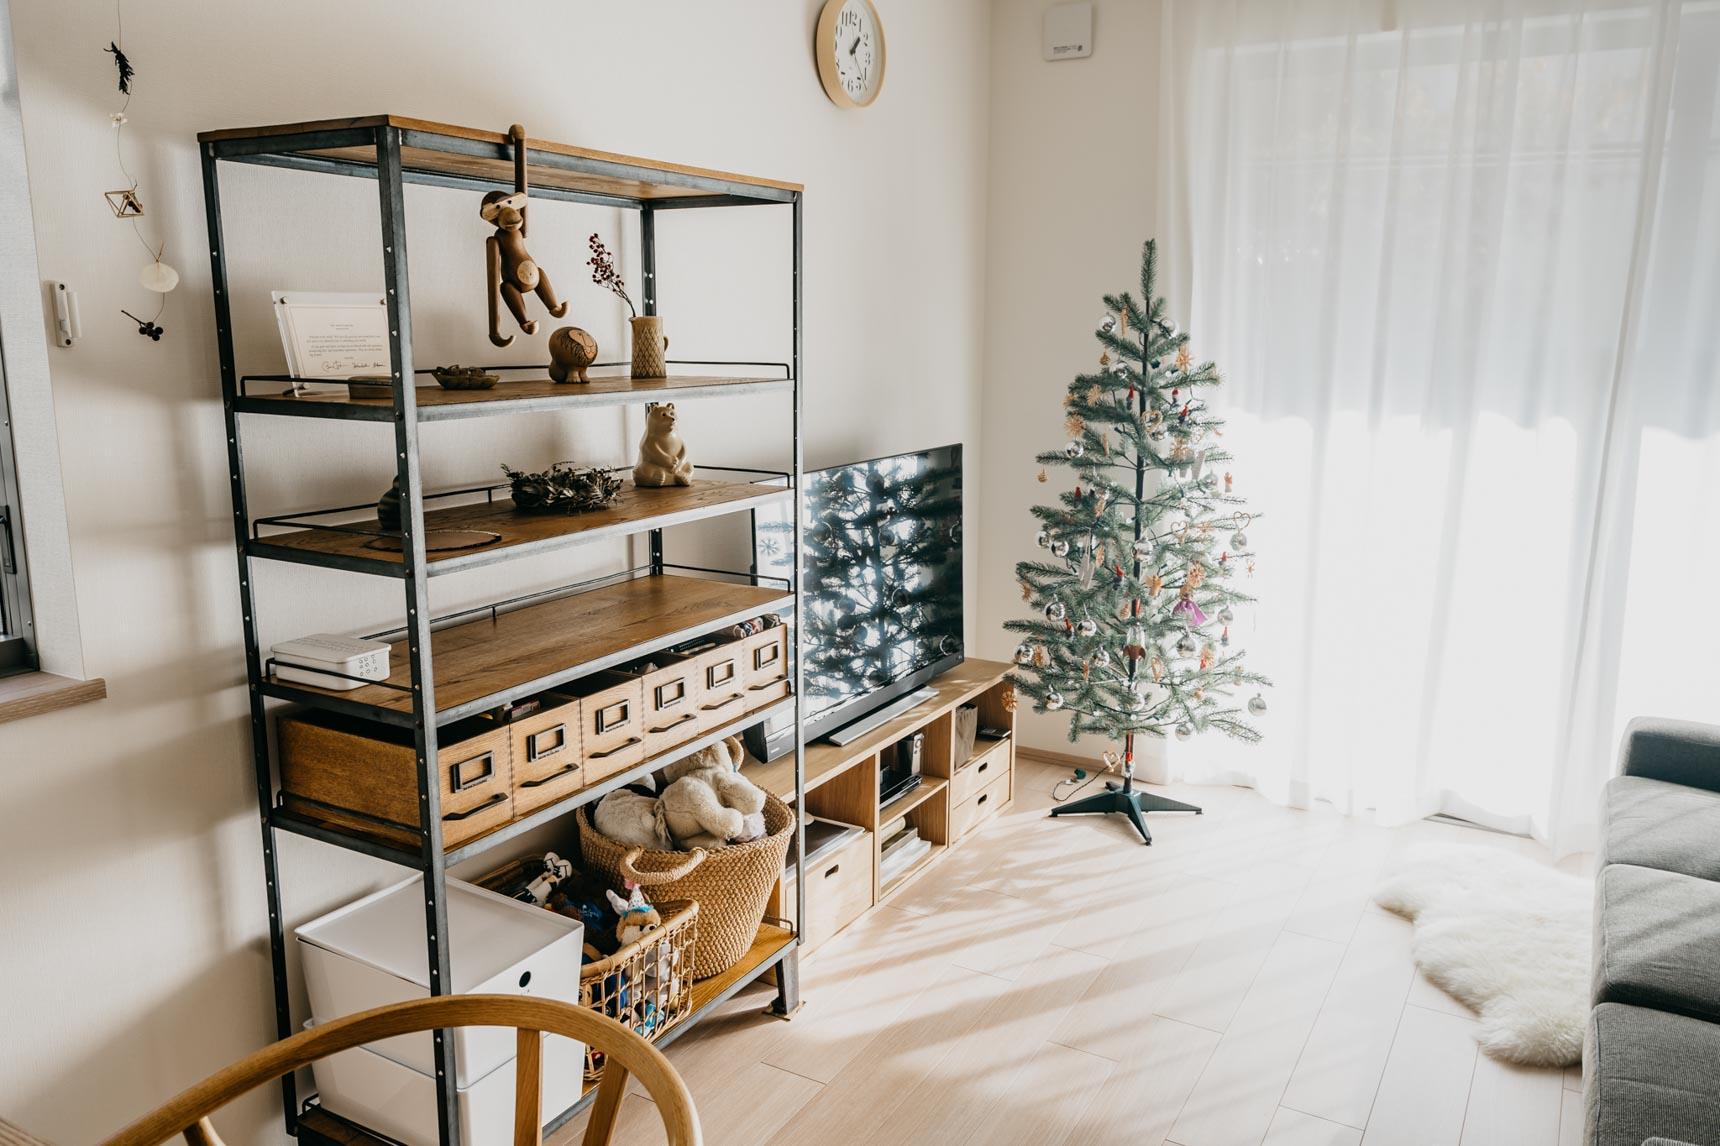 アイアンと木の質感が良い、シンプルな中にもデザインの光るラック。(このお部屋はこちら)